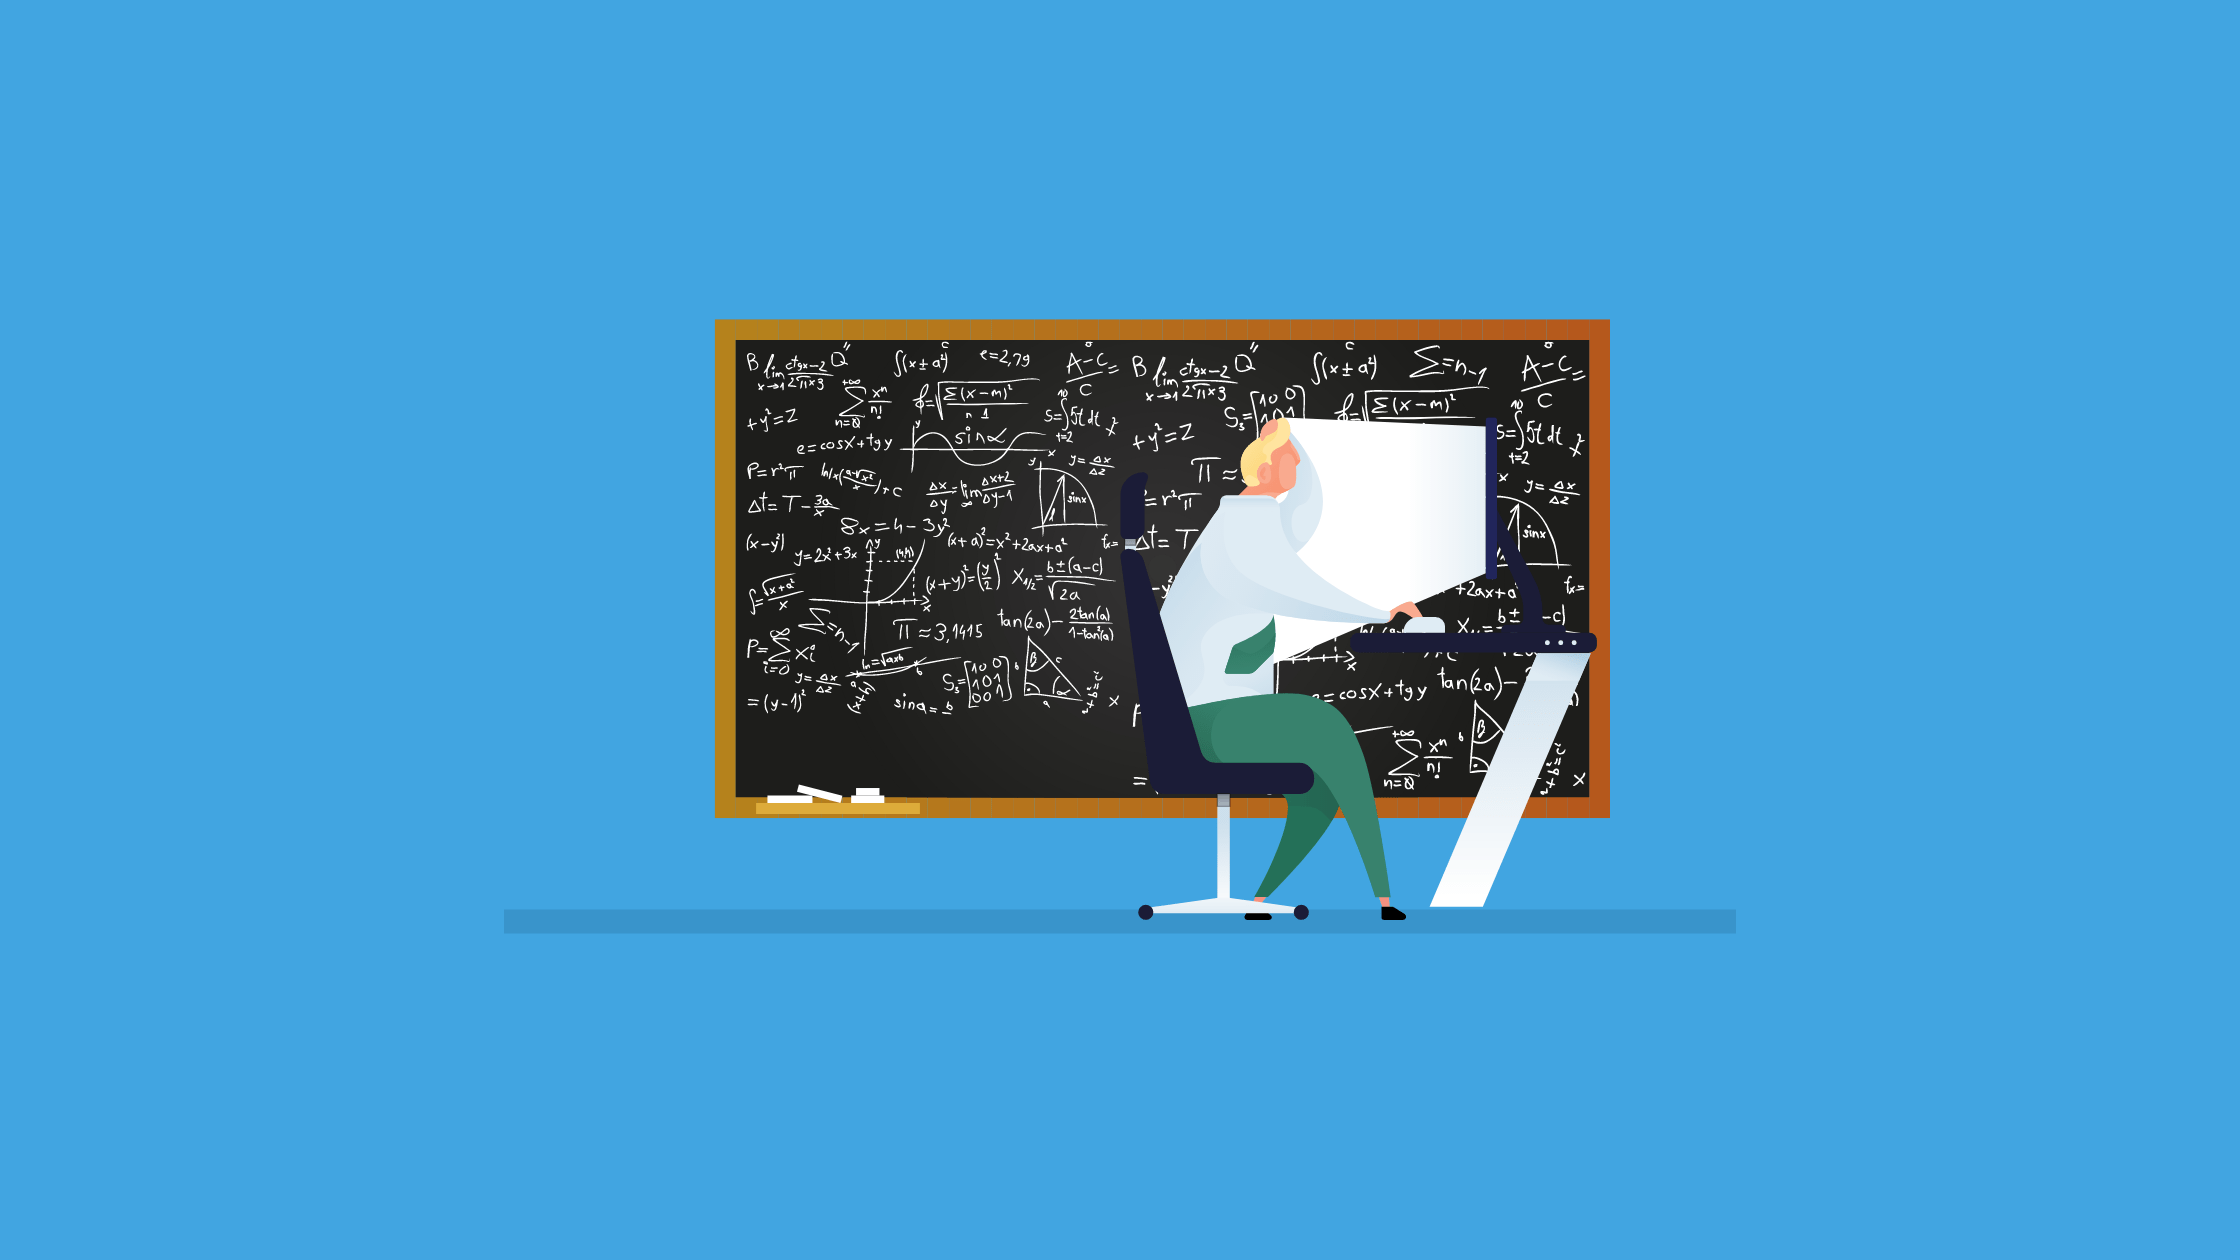 como superar problemas de aprendizaje con la tecnología